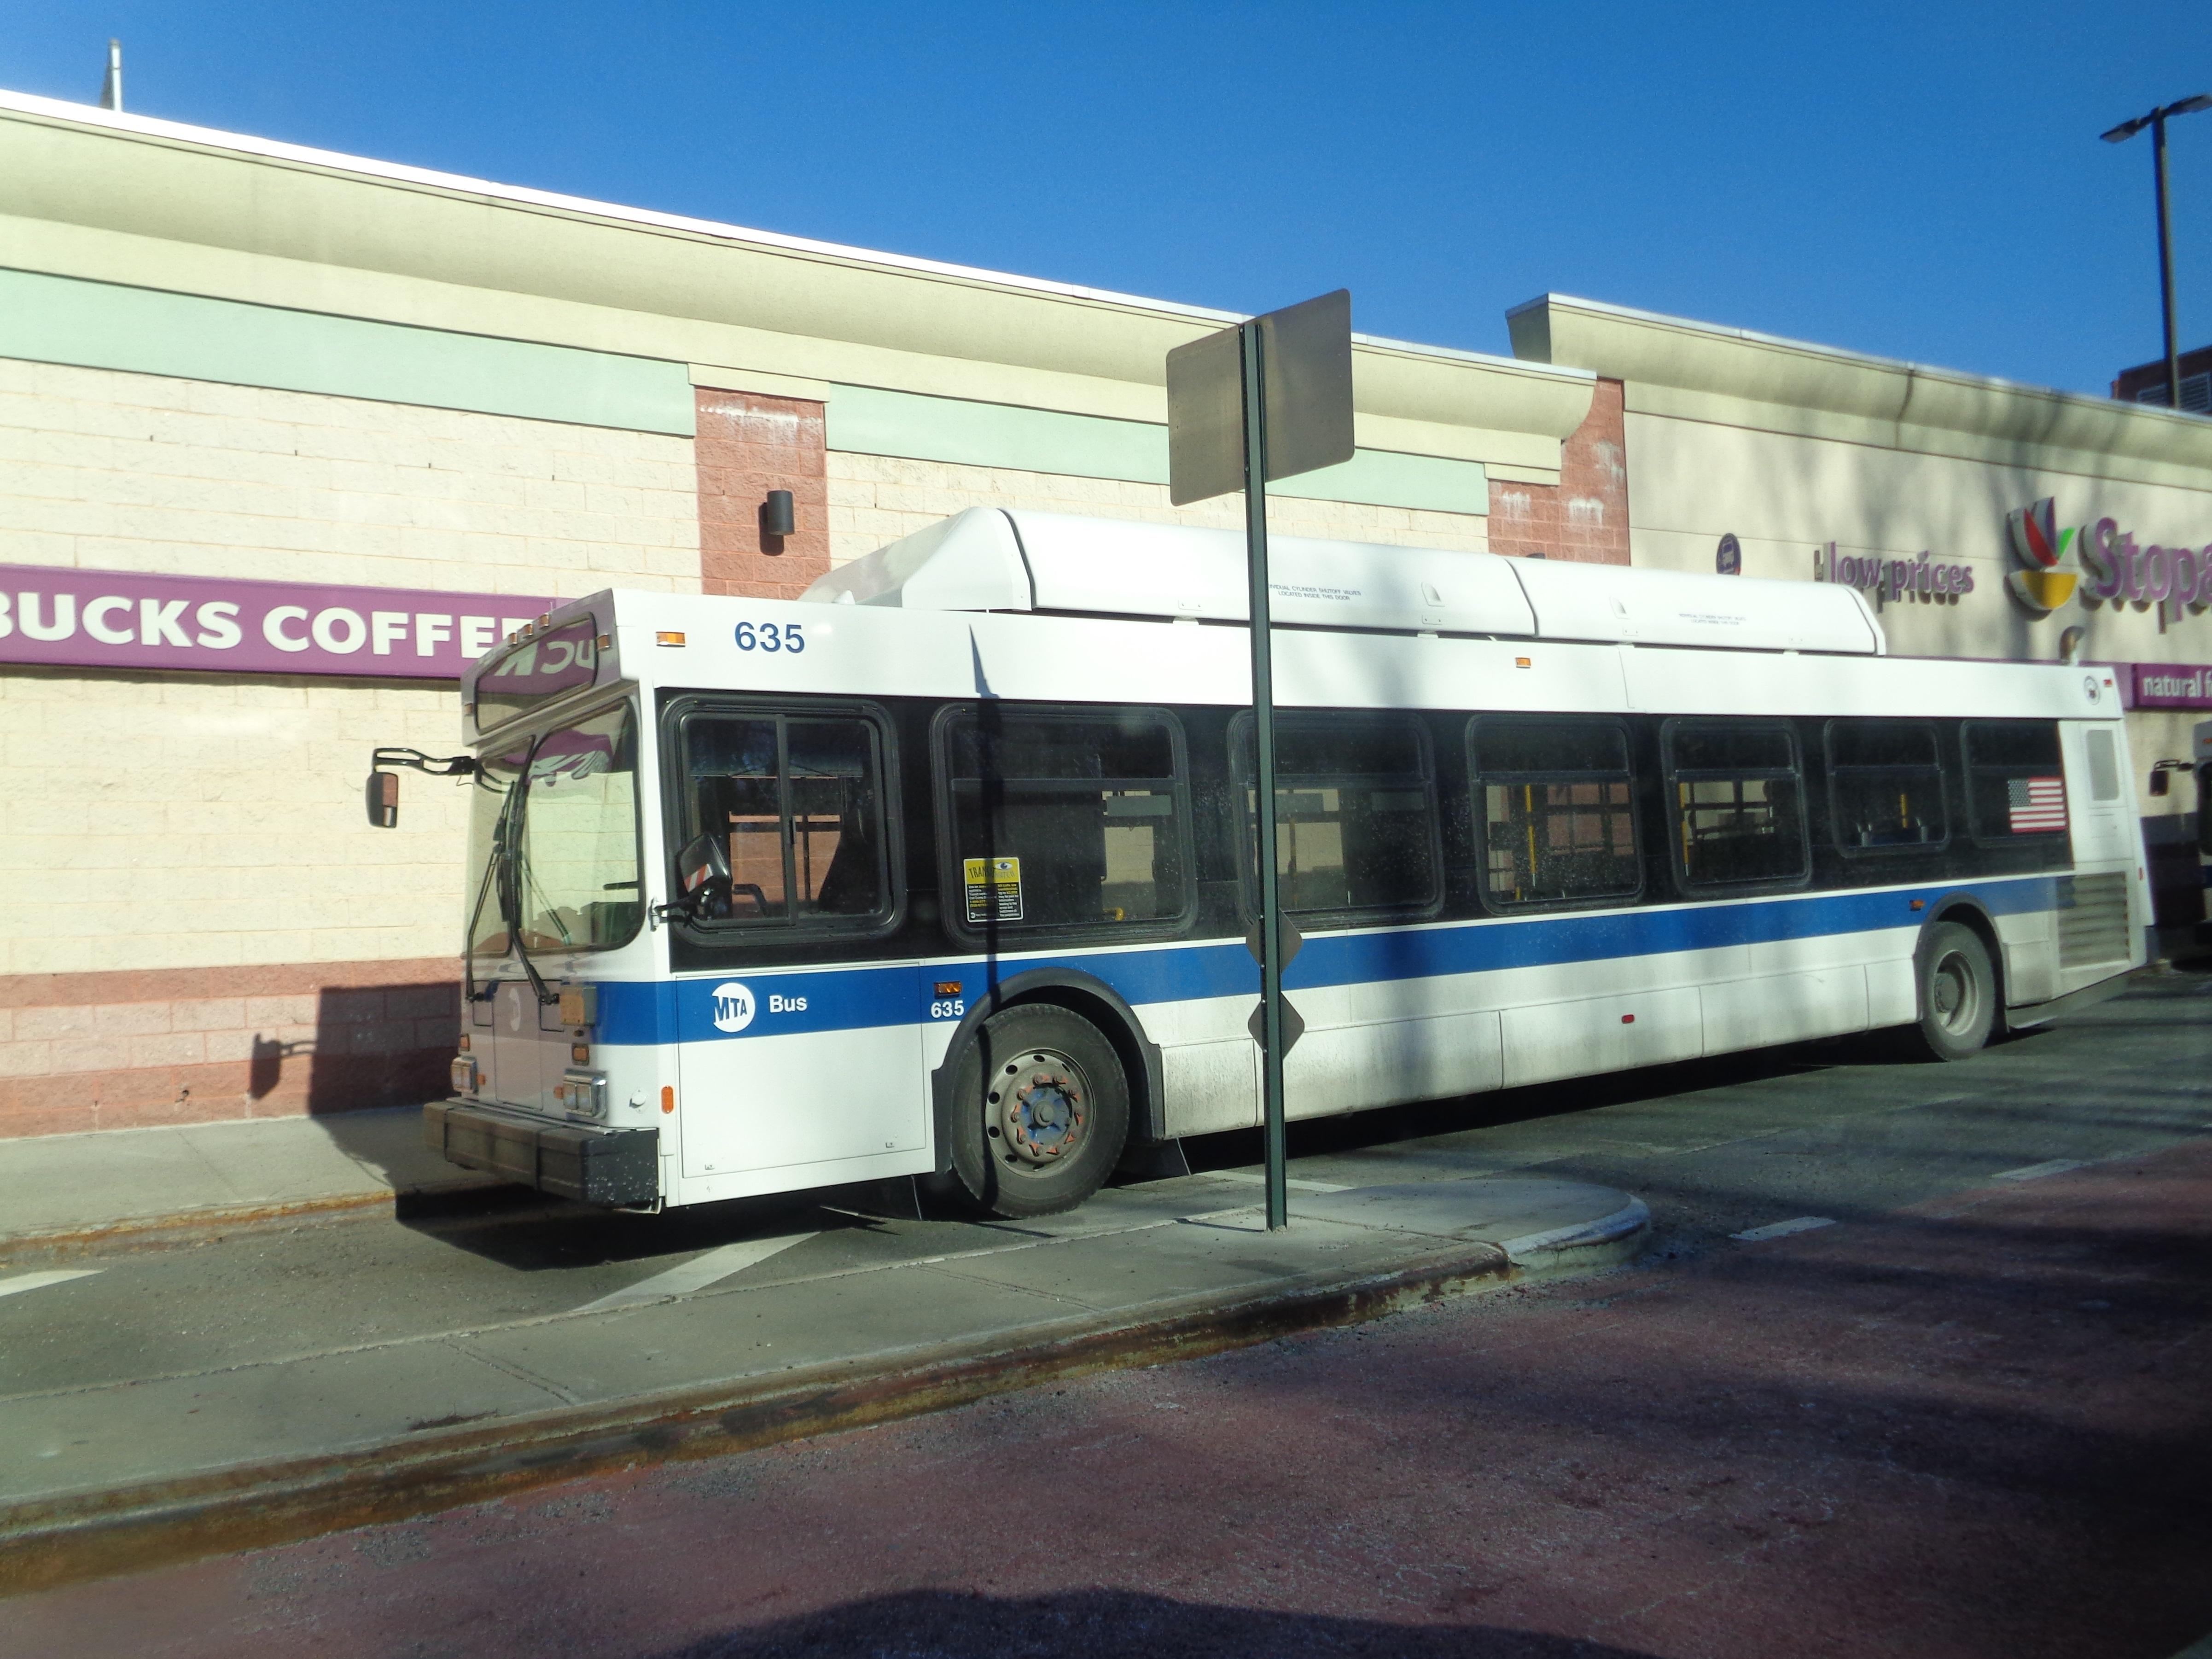 File:MTA Union Tpke Forest Crescent 04 - New Q23 Layover.jpg ... on queens bus map, q67 bus map, q64 bus map, q6 bus map, q5 bus map, q55 bus map, q76 bus map, q37 bus map, q72 bus map, q84 bus map, q20 bus map, q36 bus map, q46 bus map, q3 bus map, q83 bus map, q112 bus map, q27 bus map, q102 bus map, q25 bus map, q104 bus map,